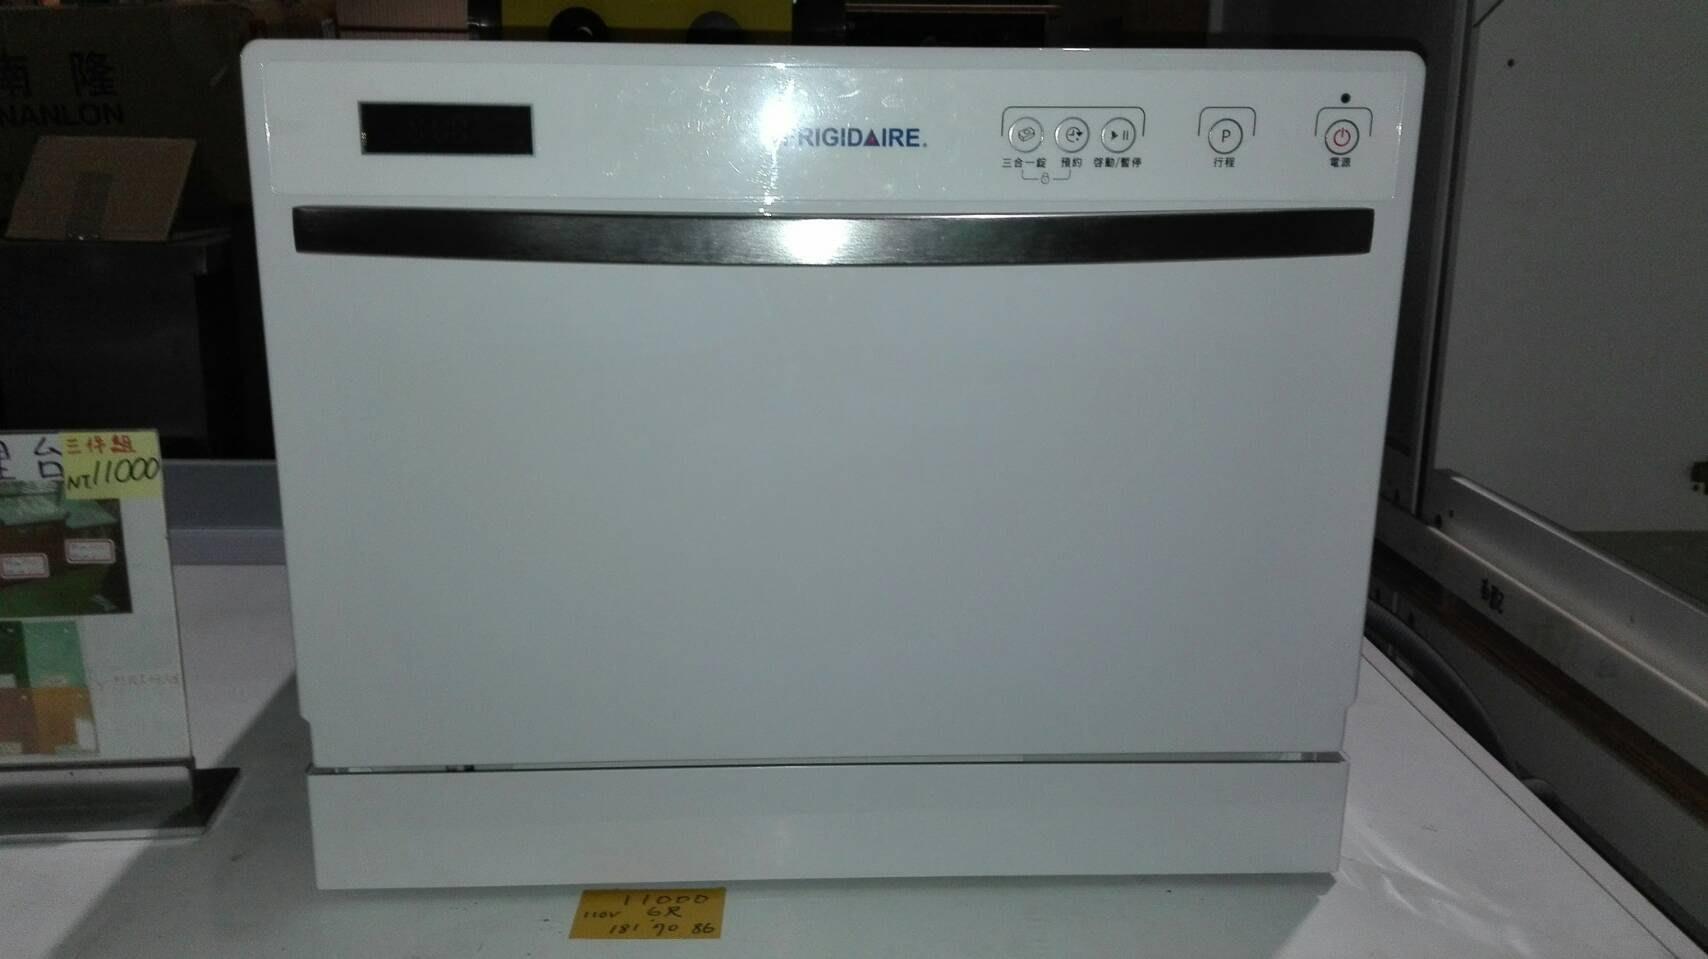 大高雄冠均二手貨家具(全台買賣)--   美國Frigidaire 富及第 FDW-5001 桌上型智慧節能洗碗機